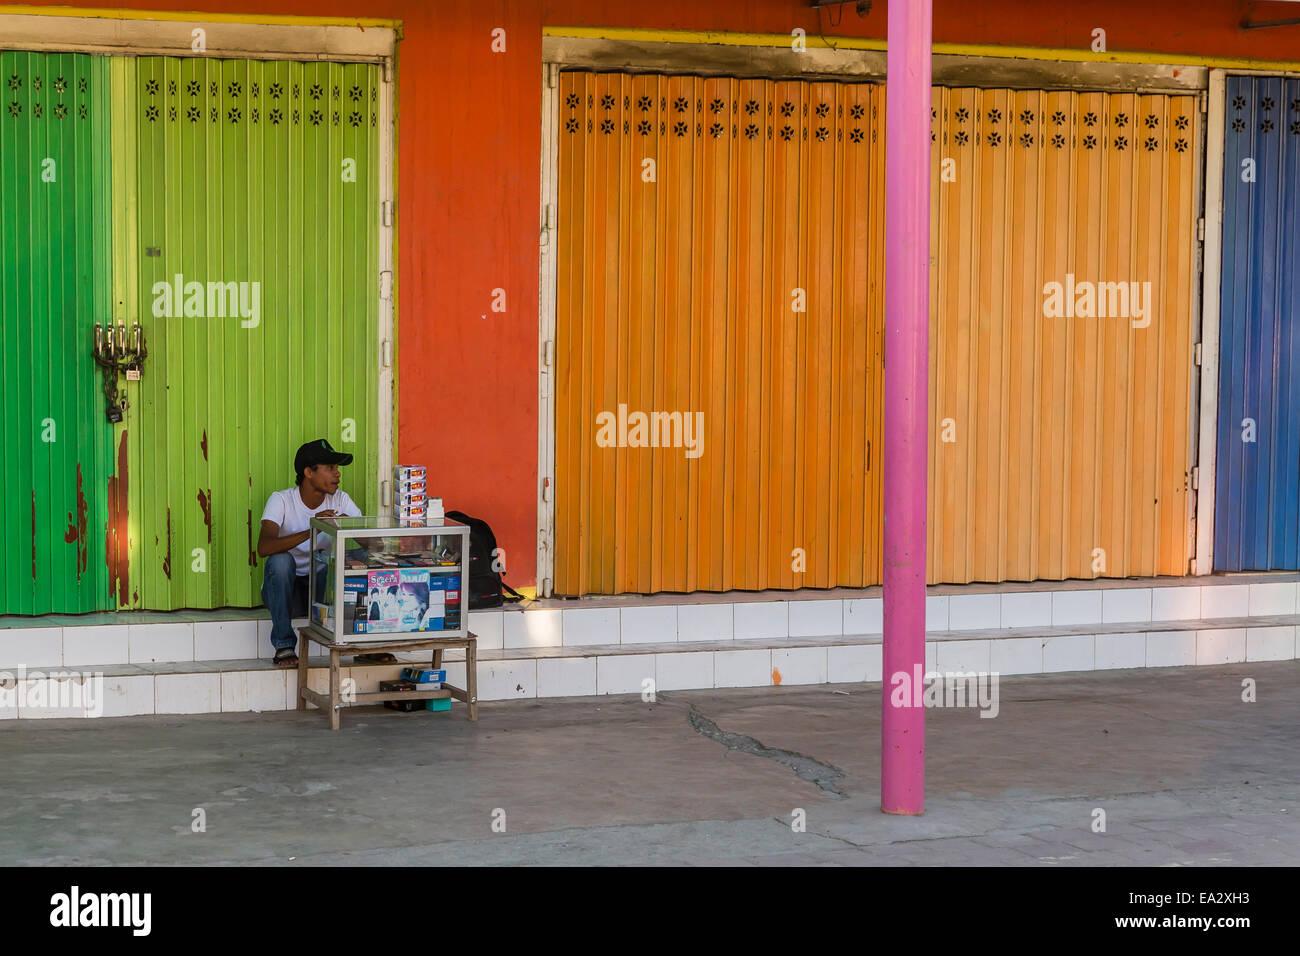 Vente de produits électroniques de l'homme petit panier dans la capitale de Dili, au Timor oriental, en Asie du Sud-Est, l'Asie Banque D'Images